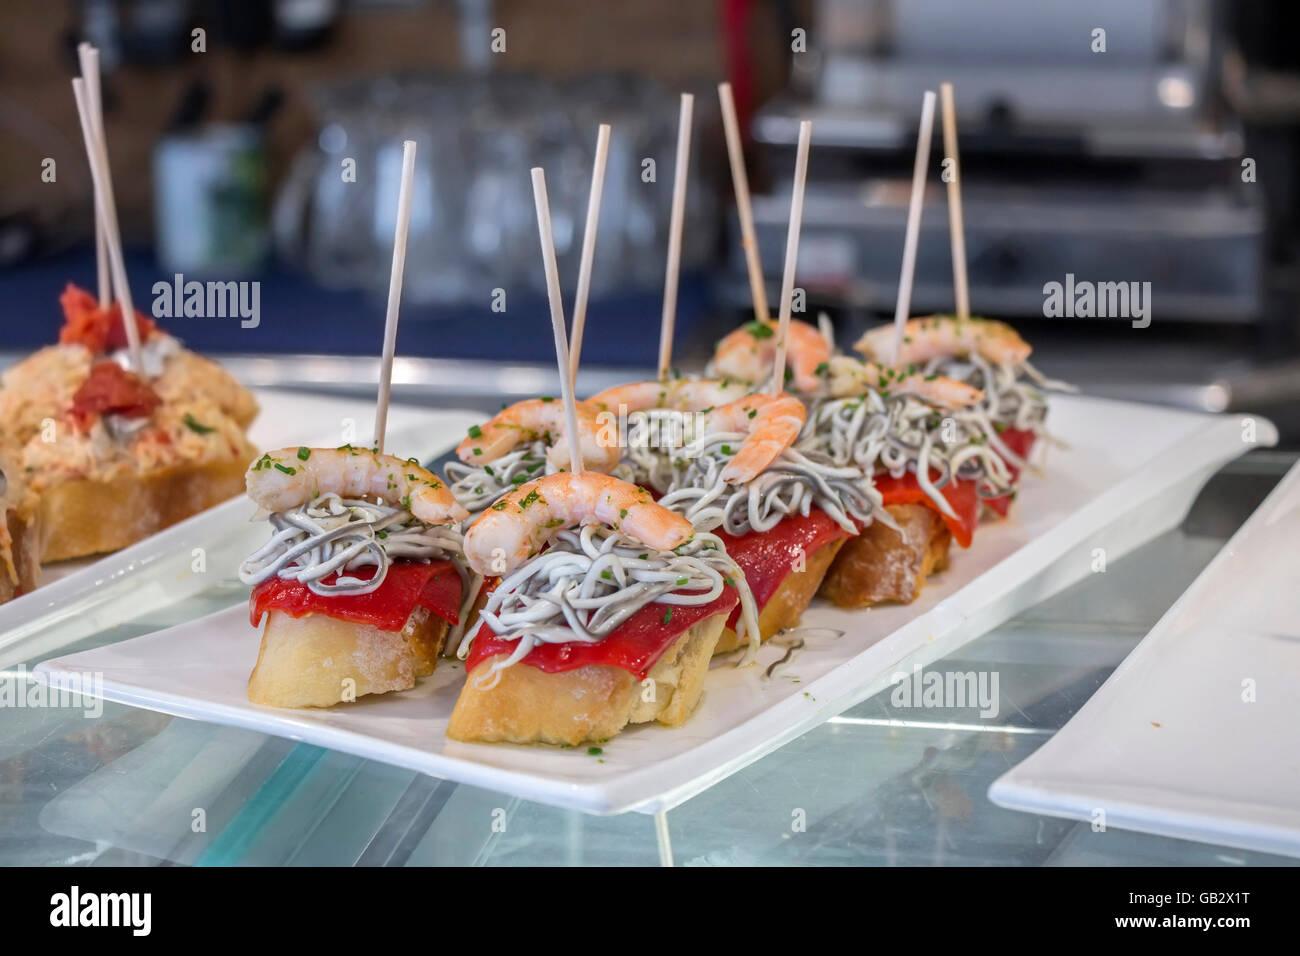 Tapas ou Pintxos canapés espagnol célèbre partie finger food Photo Stock